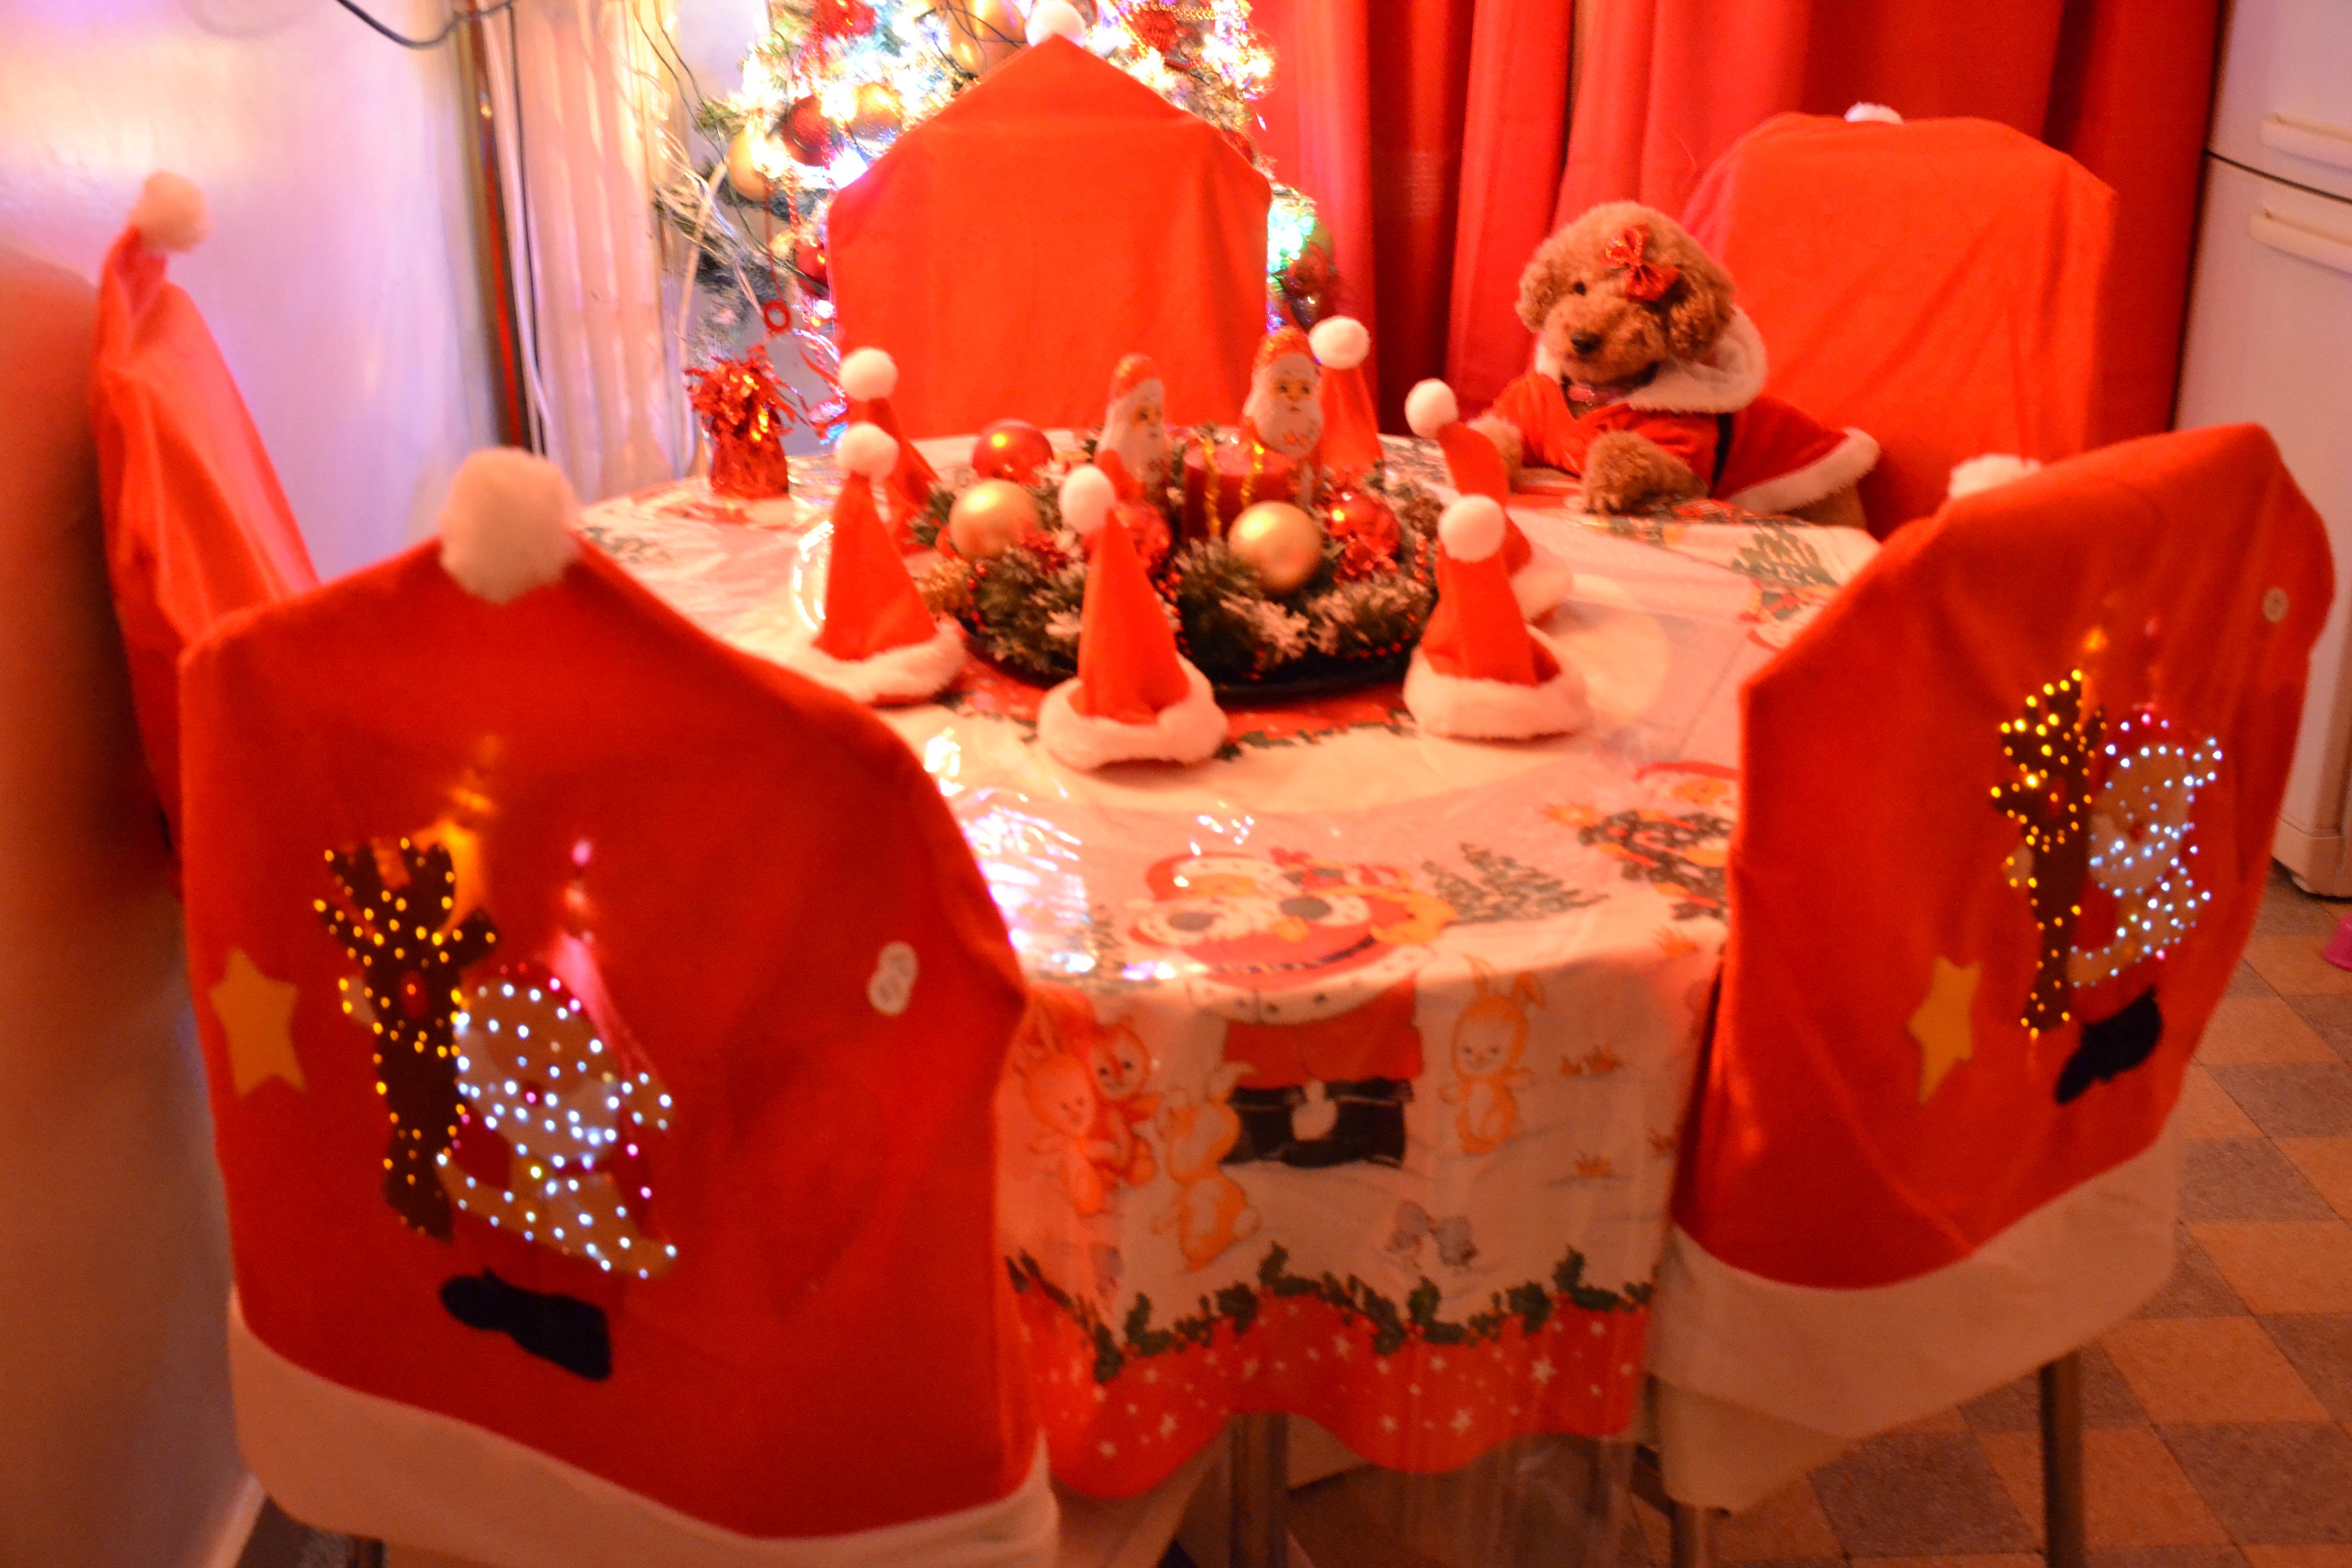 #C85603 Envoyez Nous Vos Photos De Décorations De Noël Signé Genève 5435 decorations de noel geneve 4608x3072 px @ aertt.com